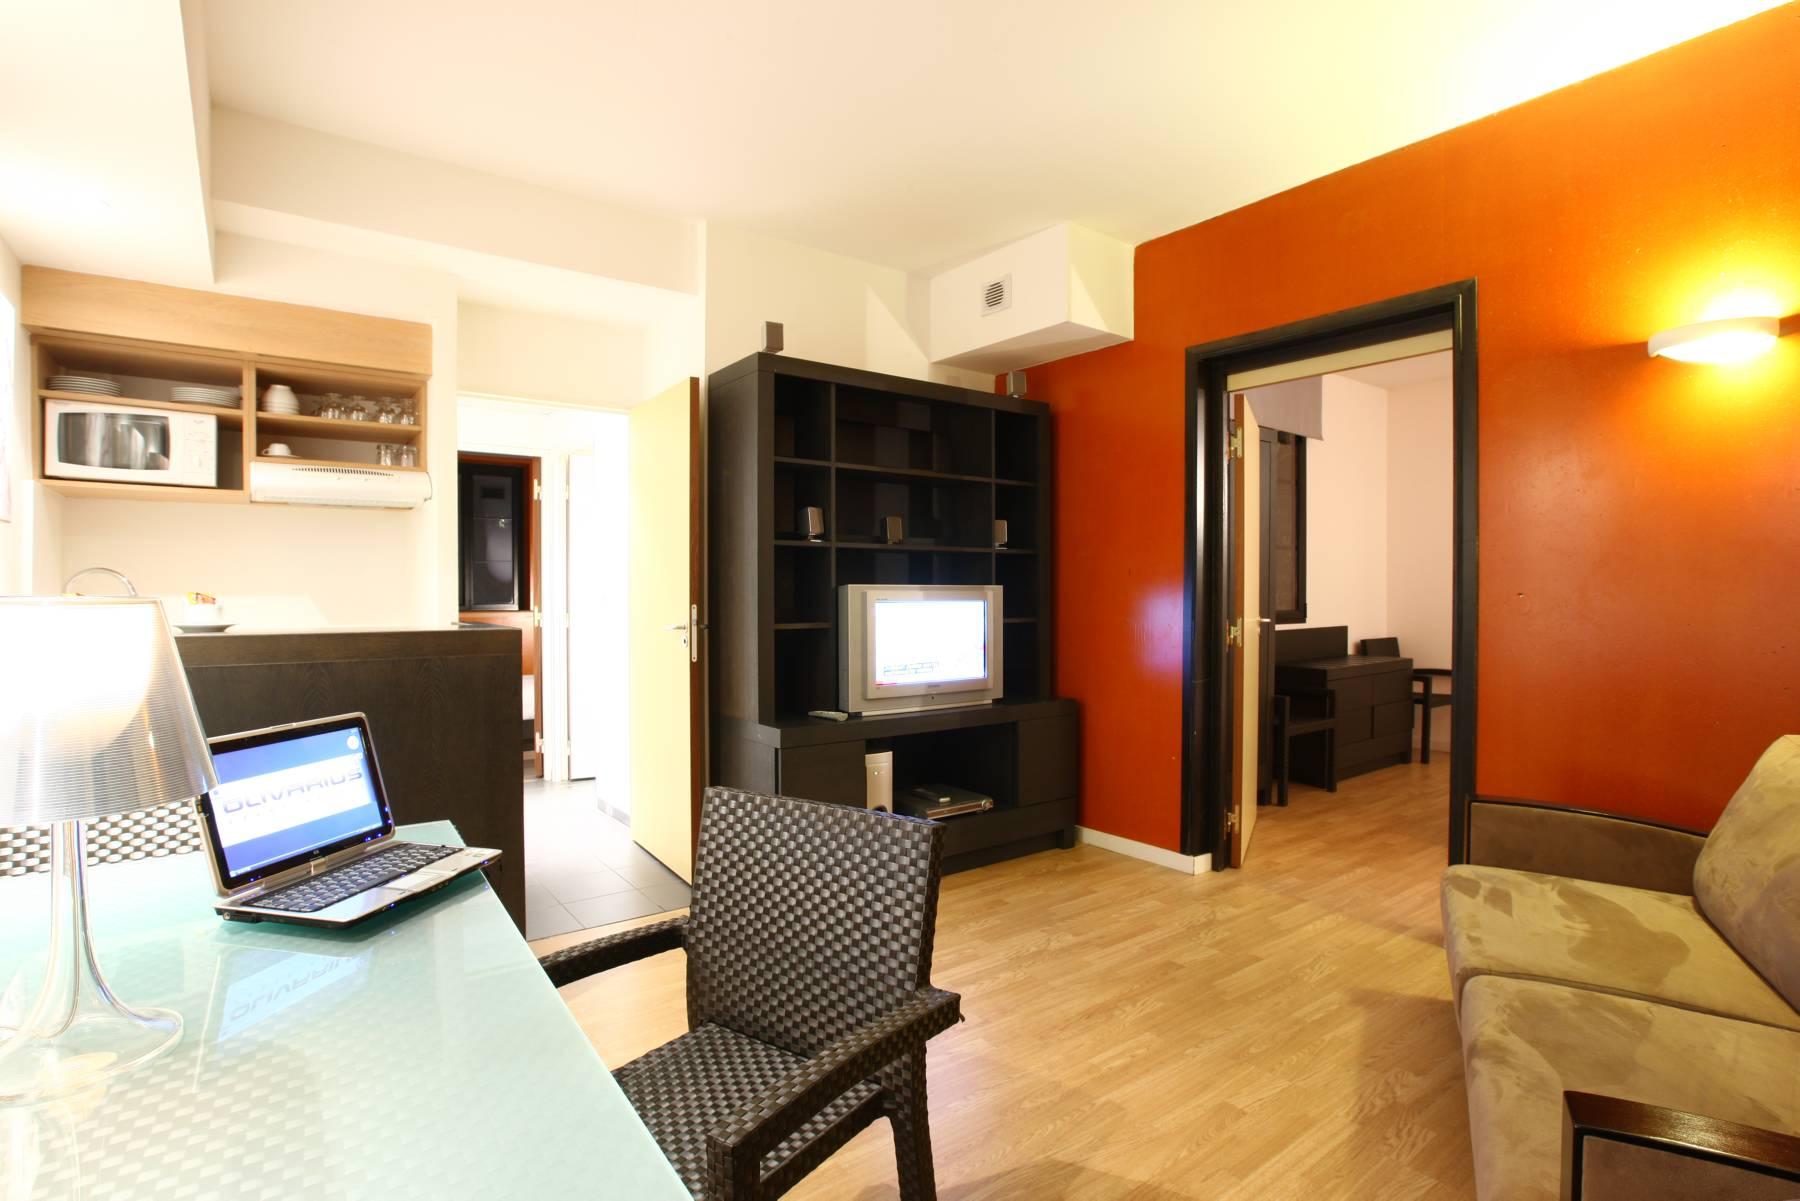 hôtel Lille appartement 3 pièces Olivarius Apart'hotels Lille Villeneuve d'Ascq